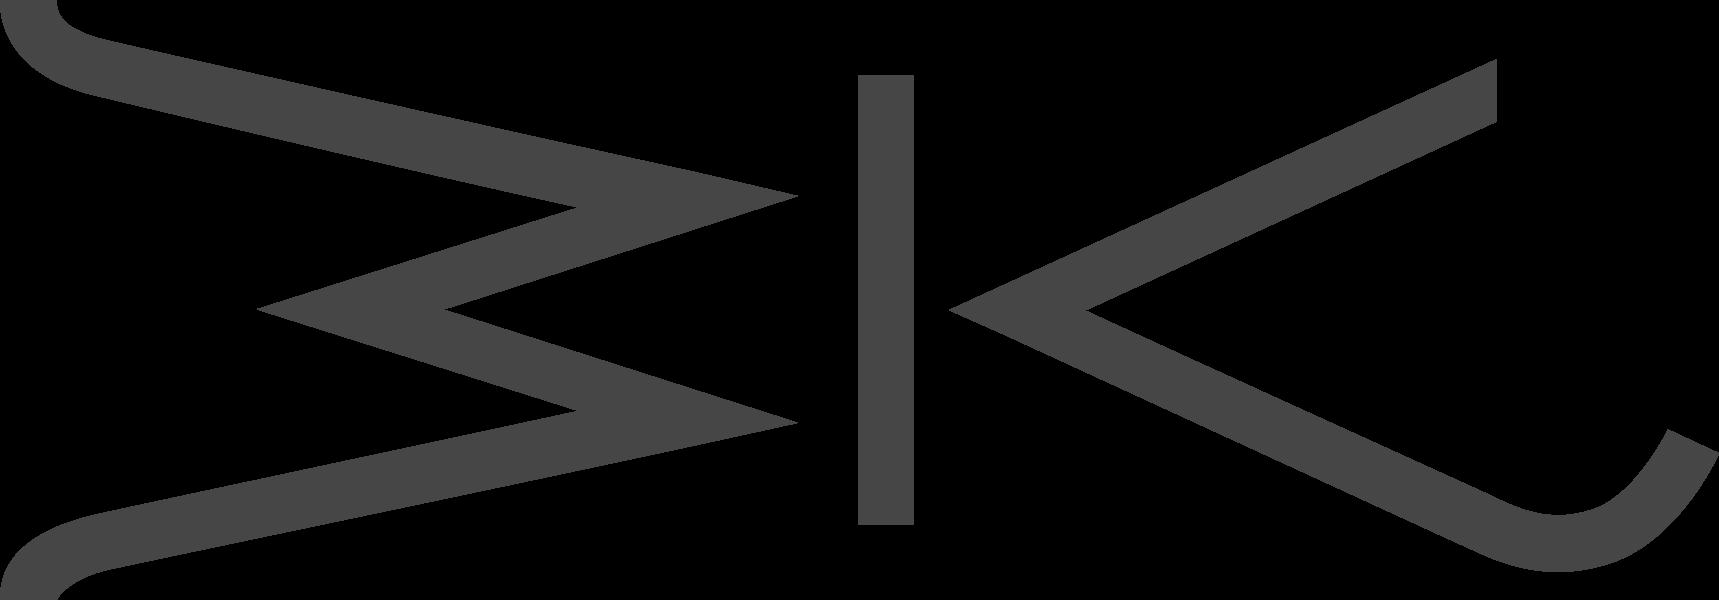 Will Krüger design portfolio